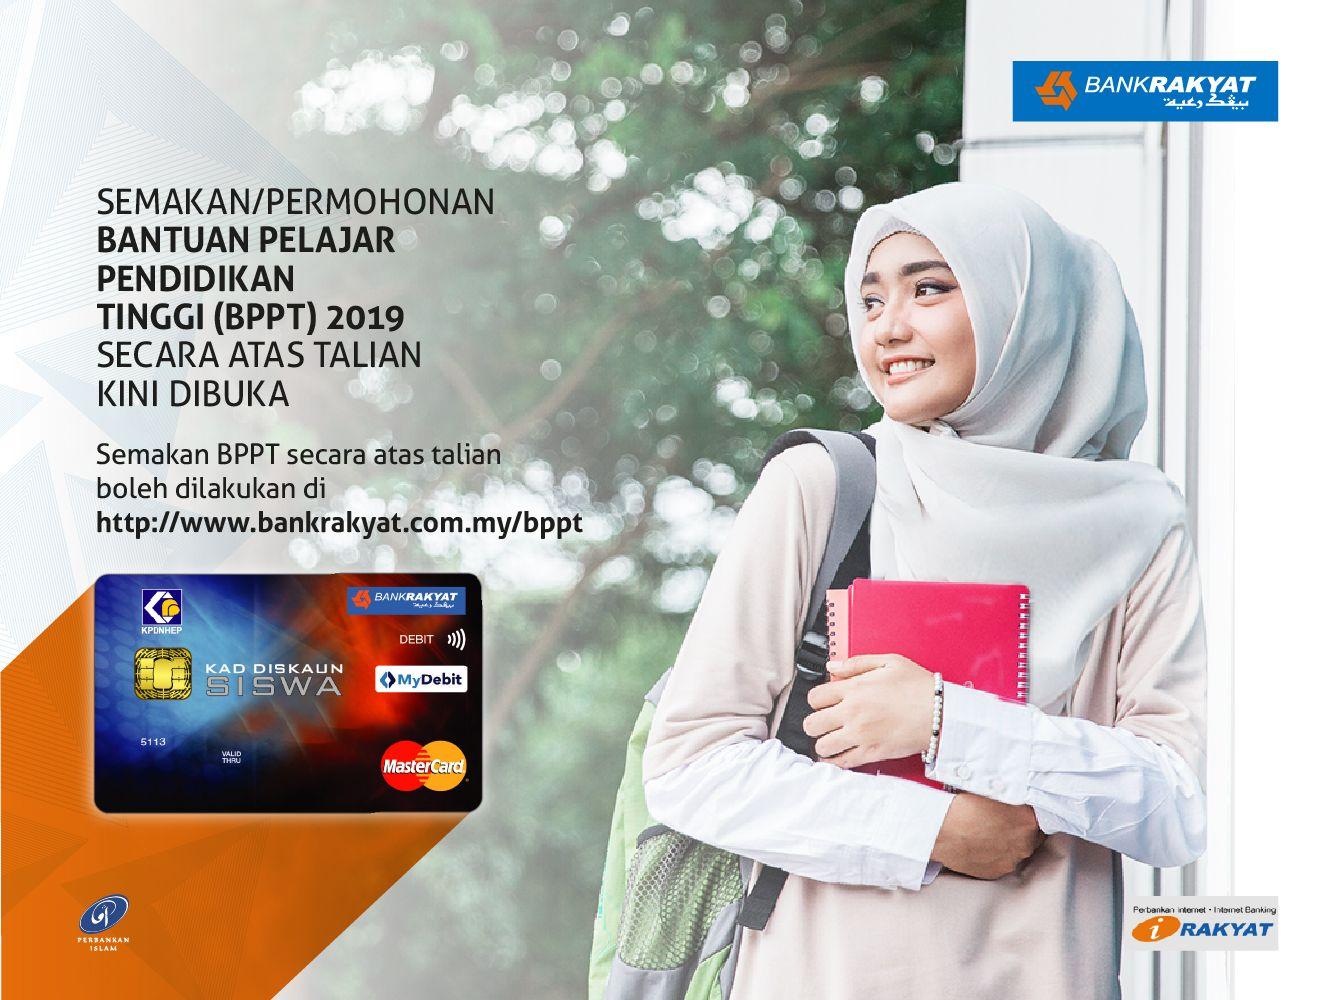 Bank Rakyat Info Campaign